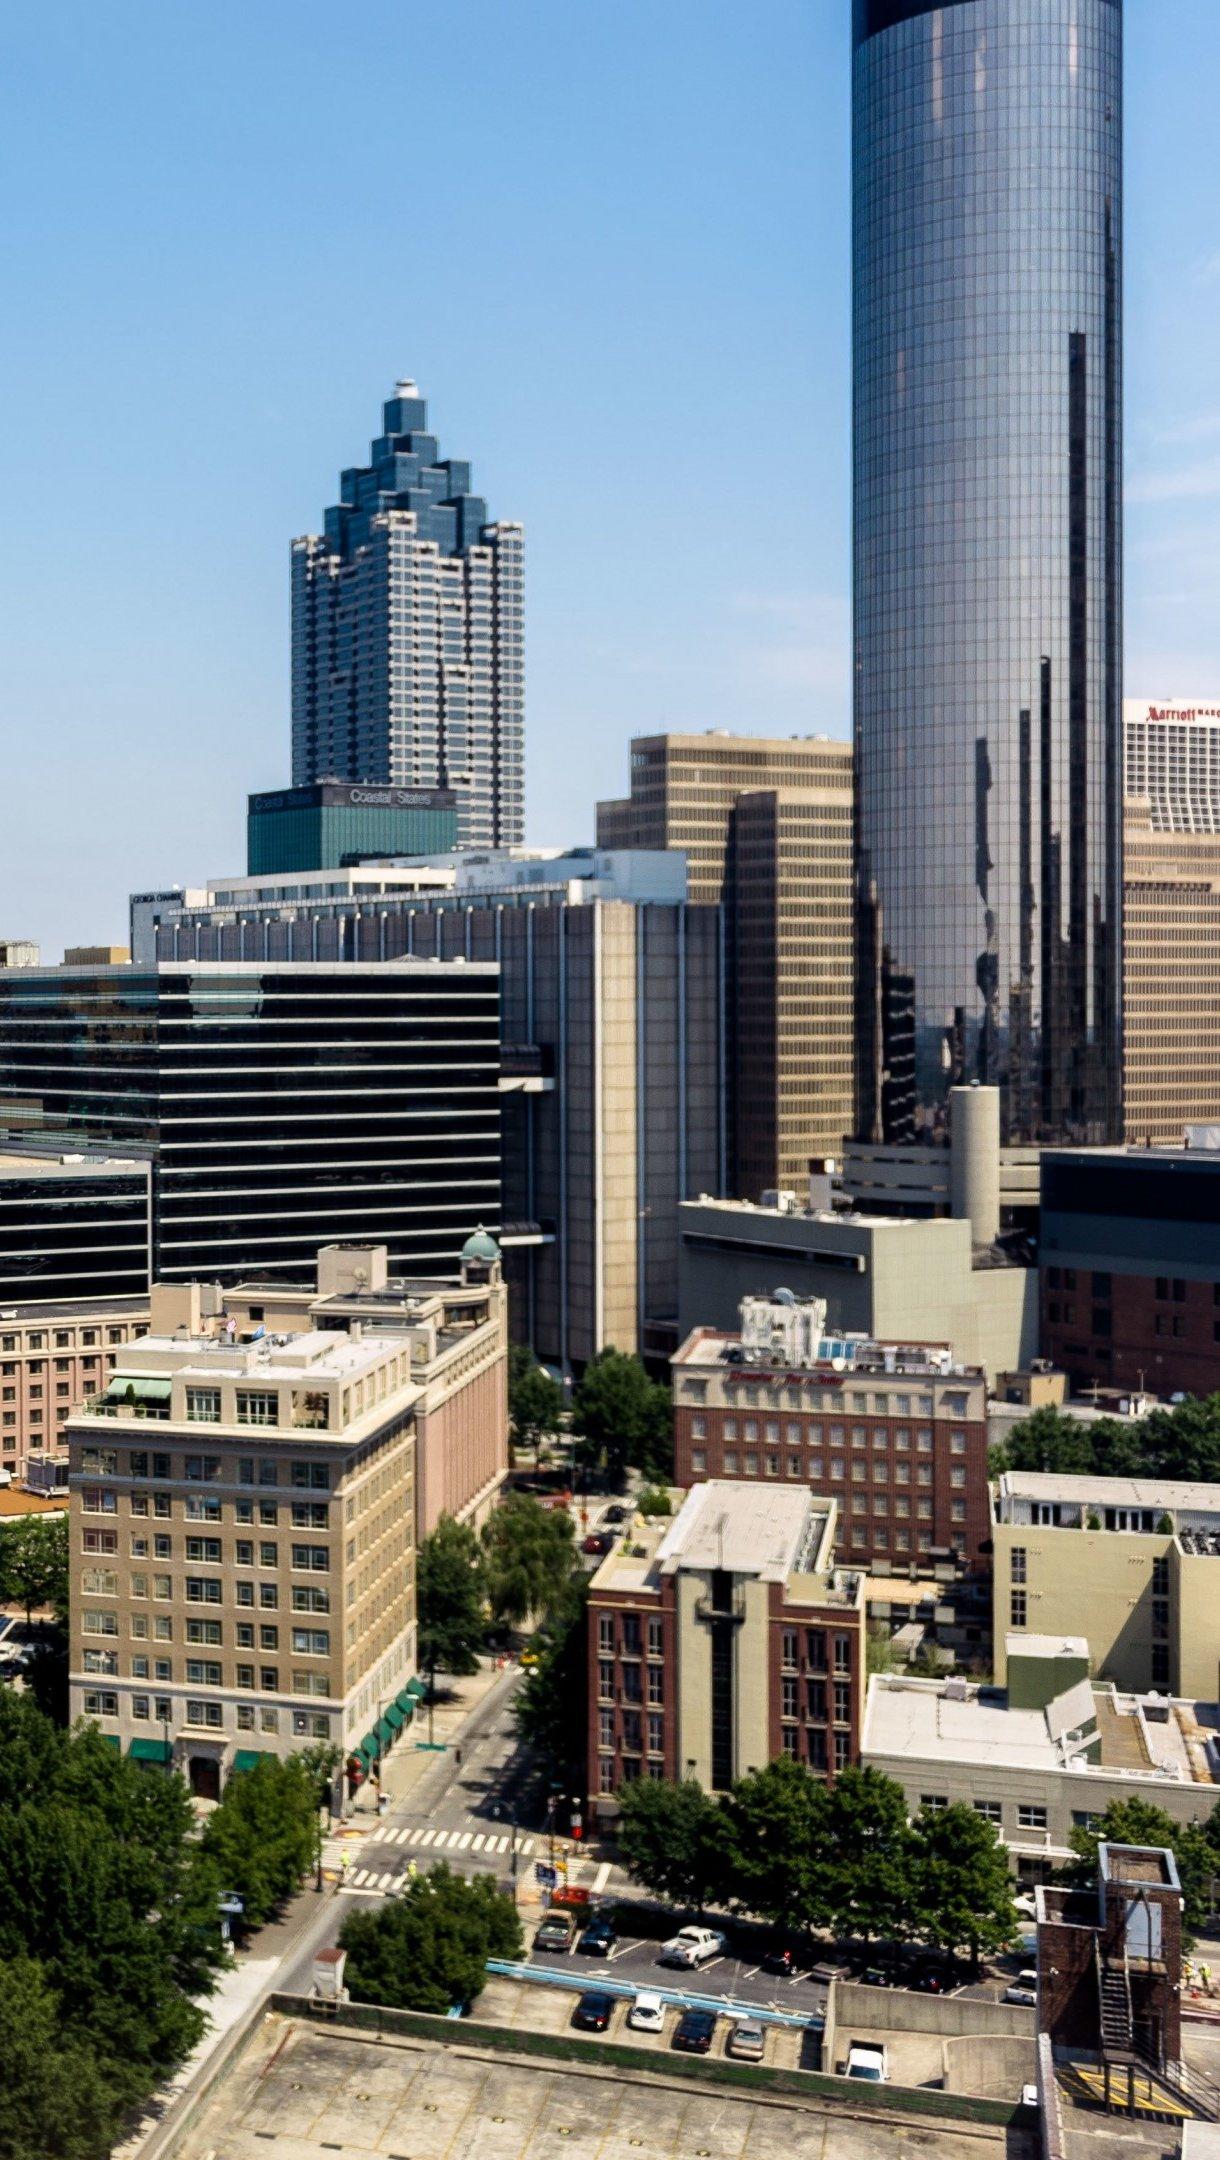 Fondos de pantalla Rascacielos en Atlanta Georgia Vertical